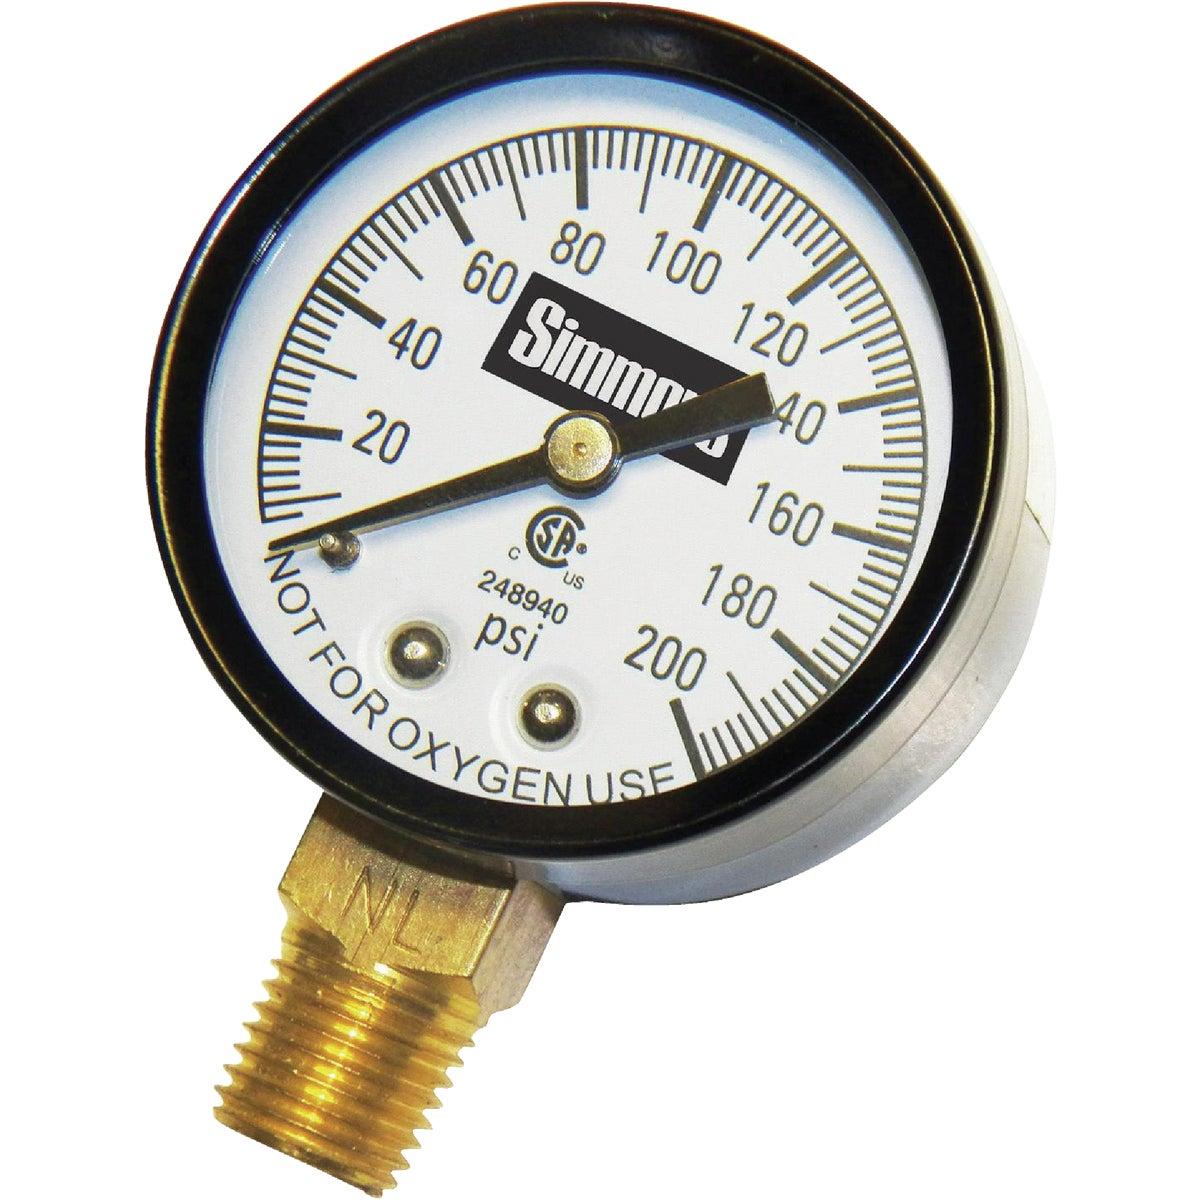 Wayne Home Equipment 0-200 PRESSURE GAUGE 66016-WYN